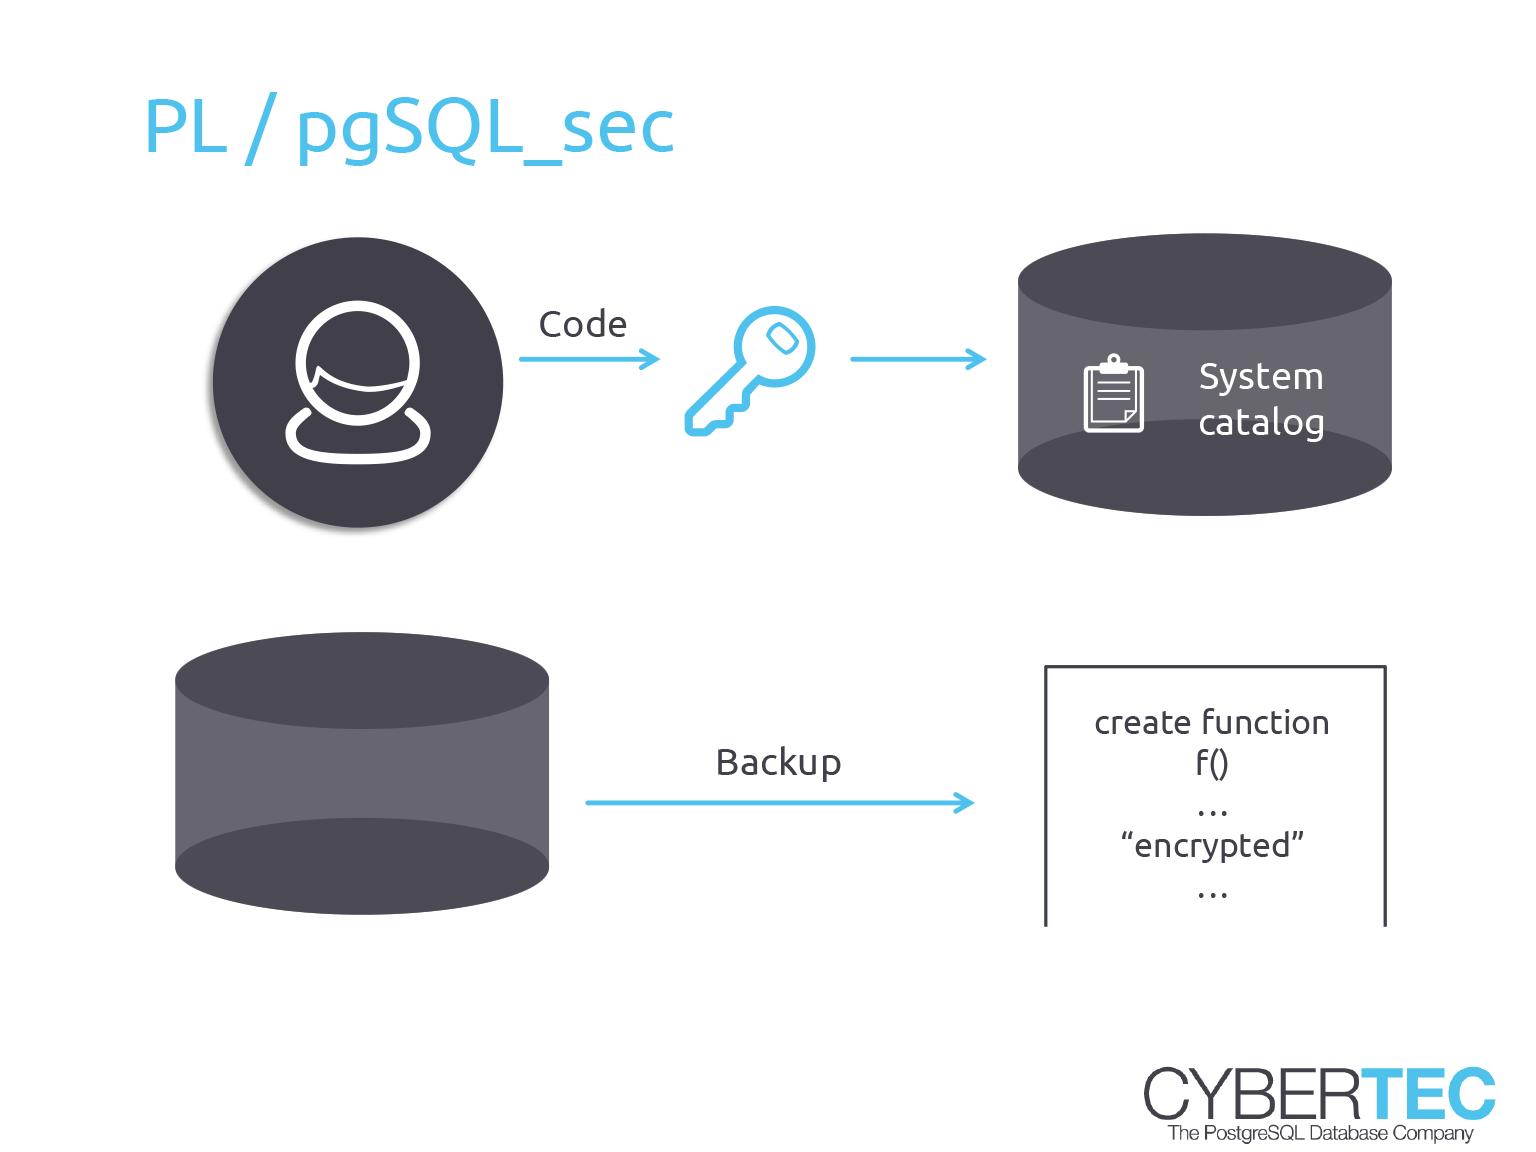 PL/pgSQL_sec